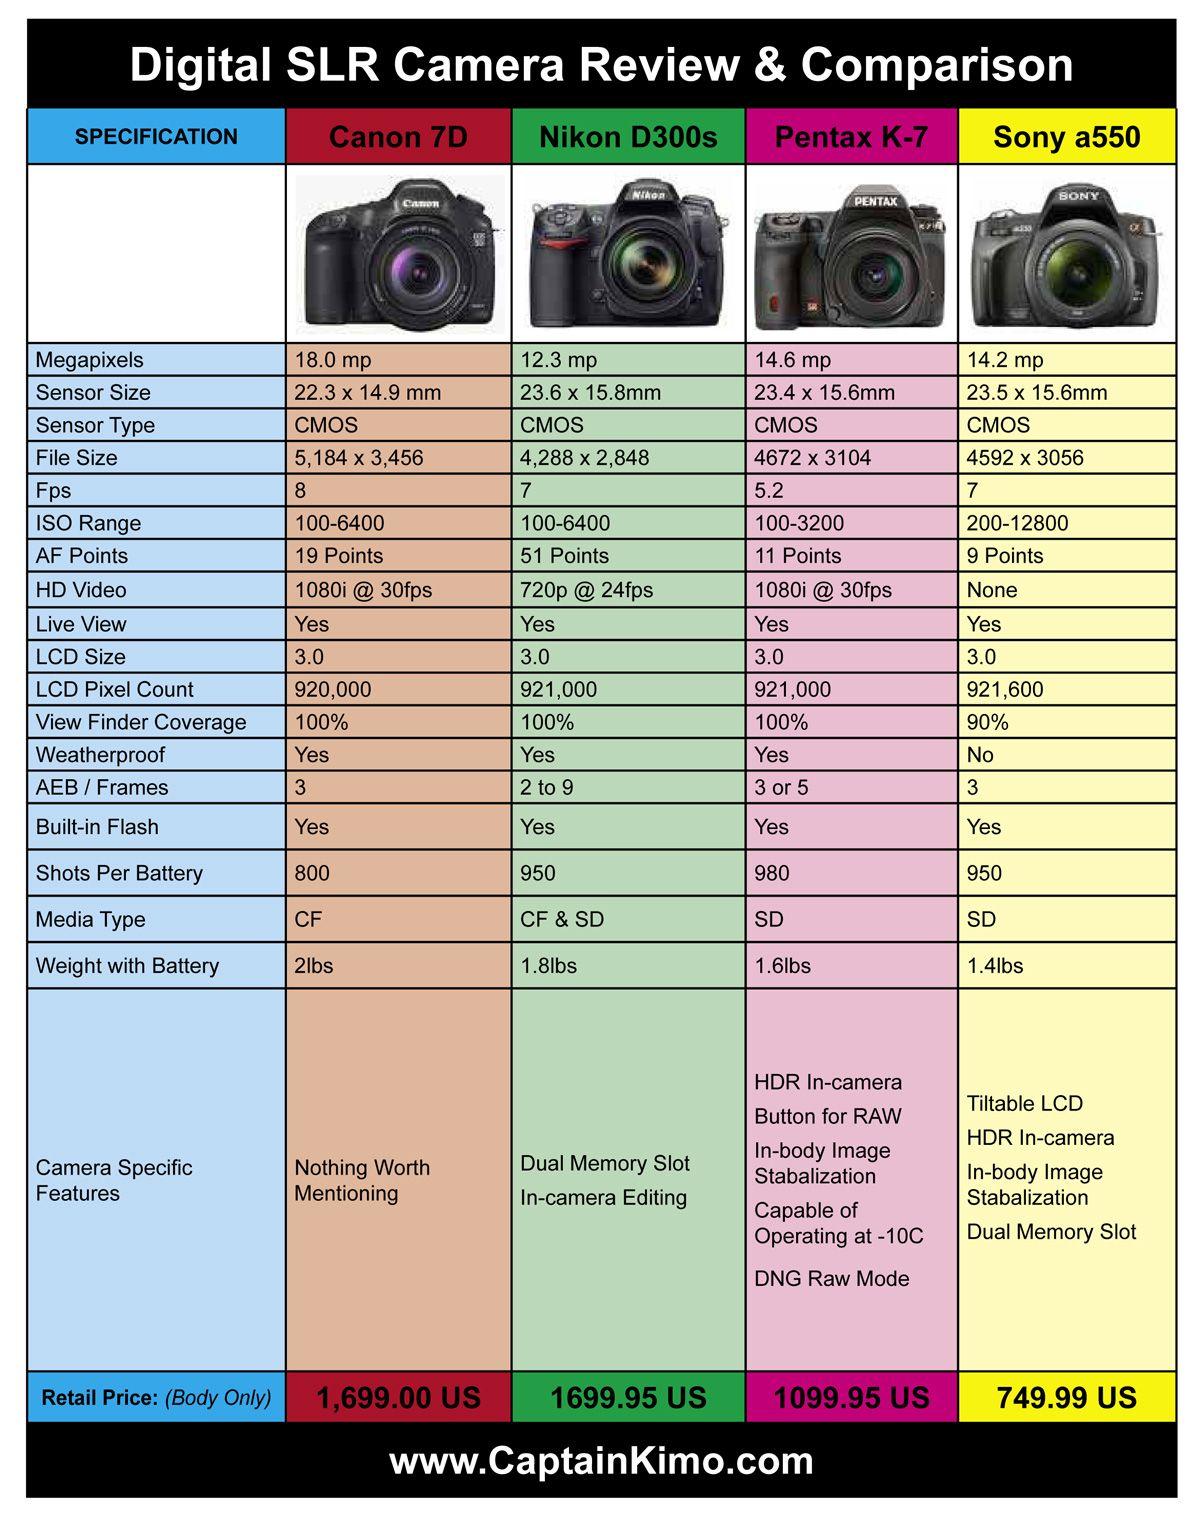 Canon dslr comparison chart canon 7d nikon d300s pentax k 7 sony